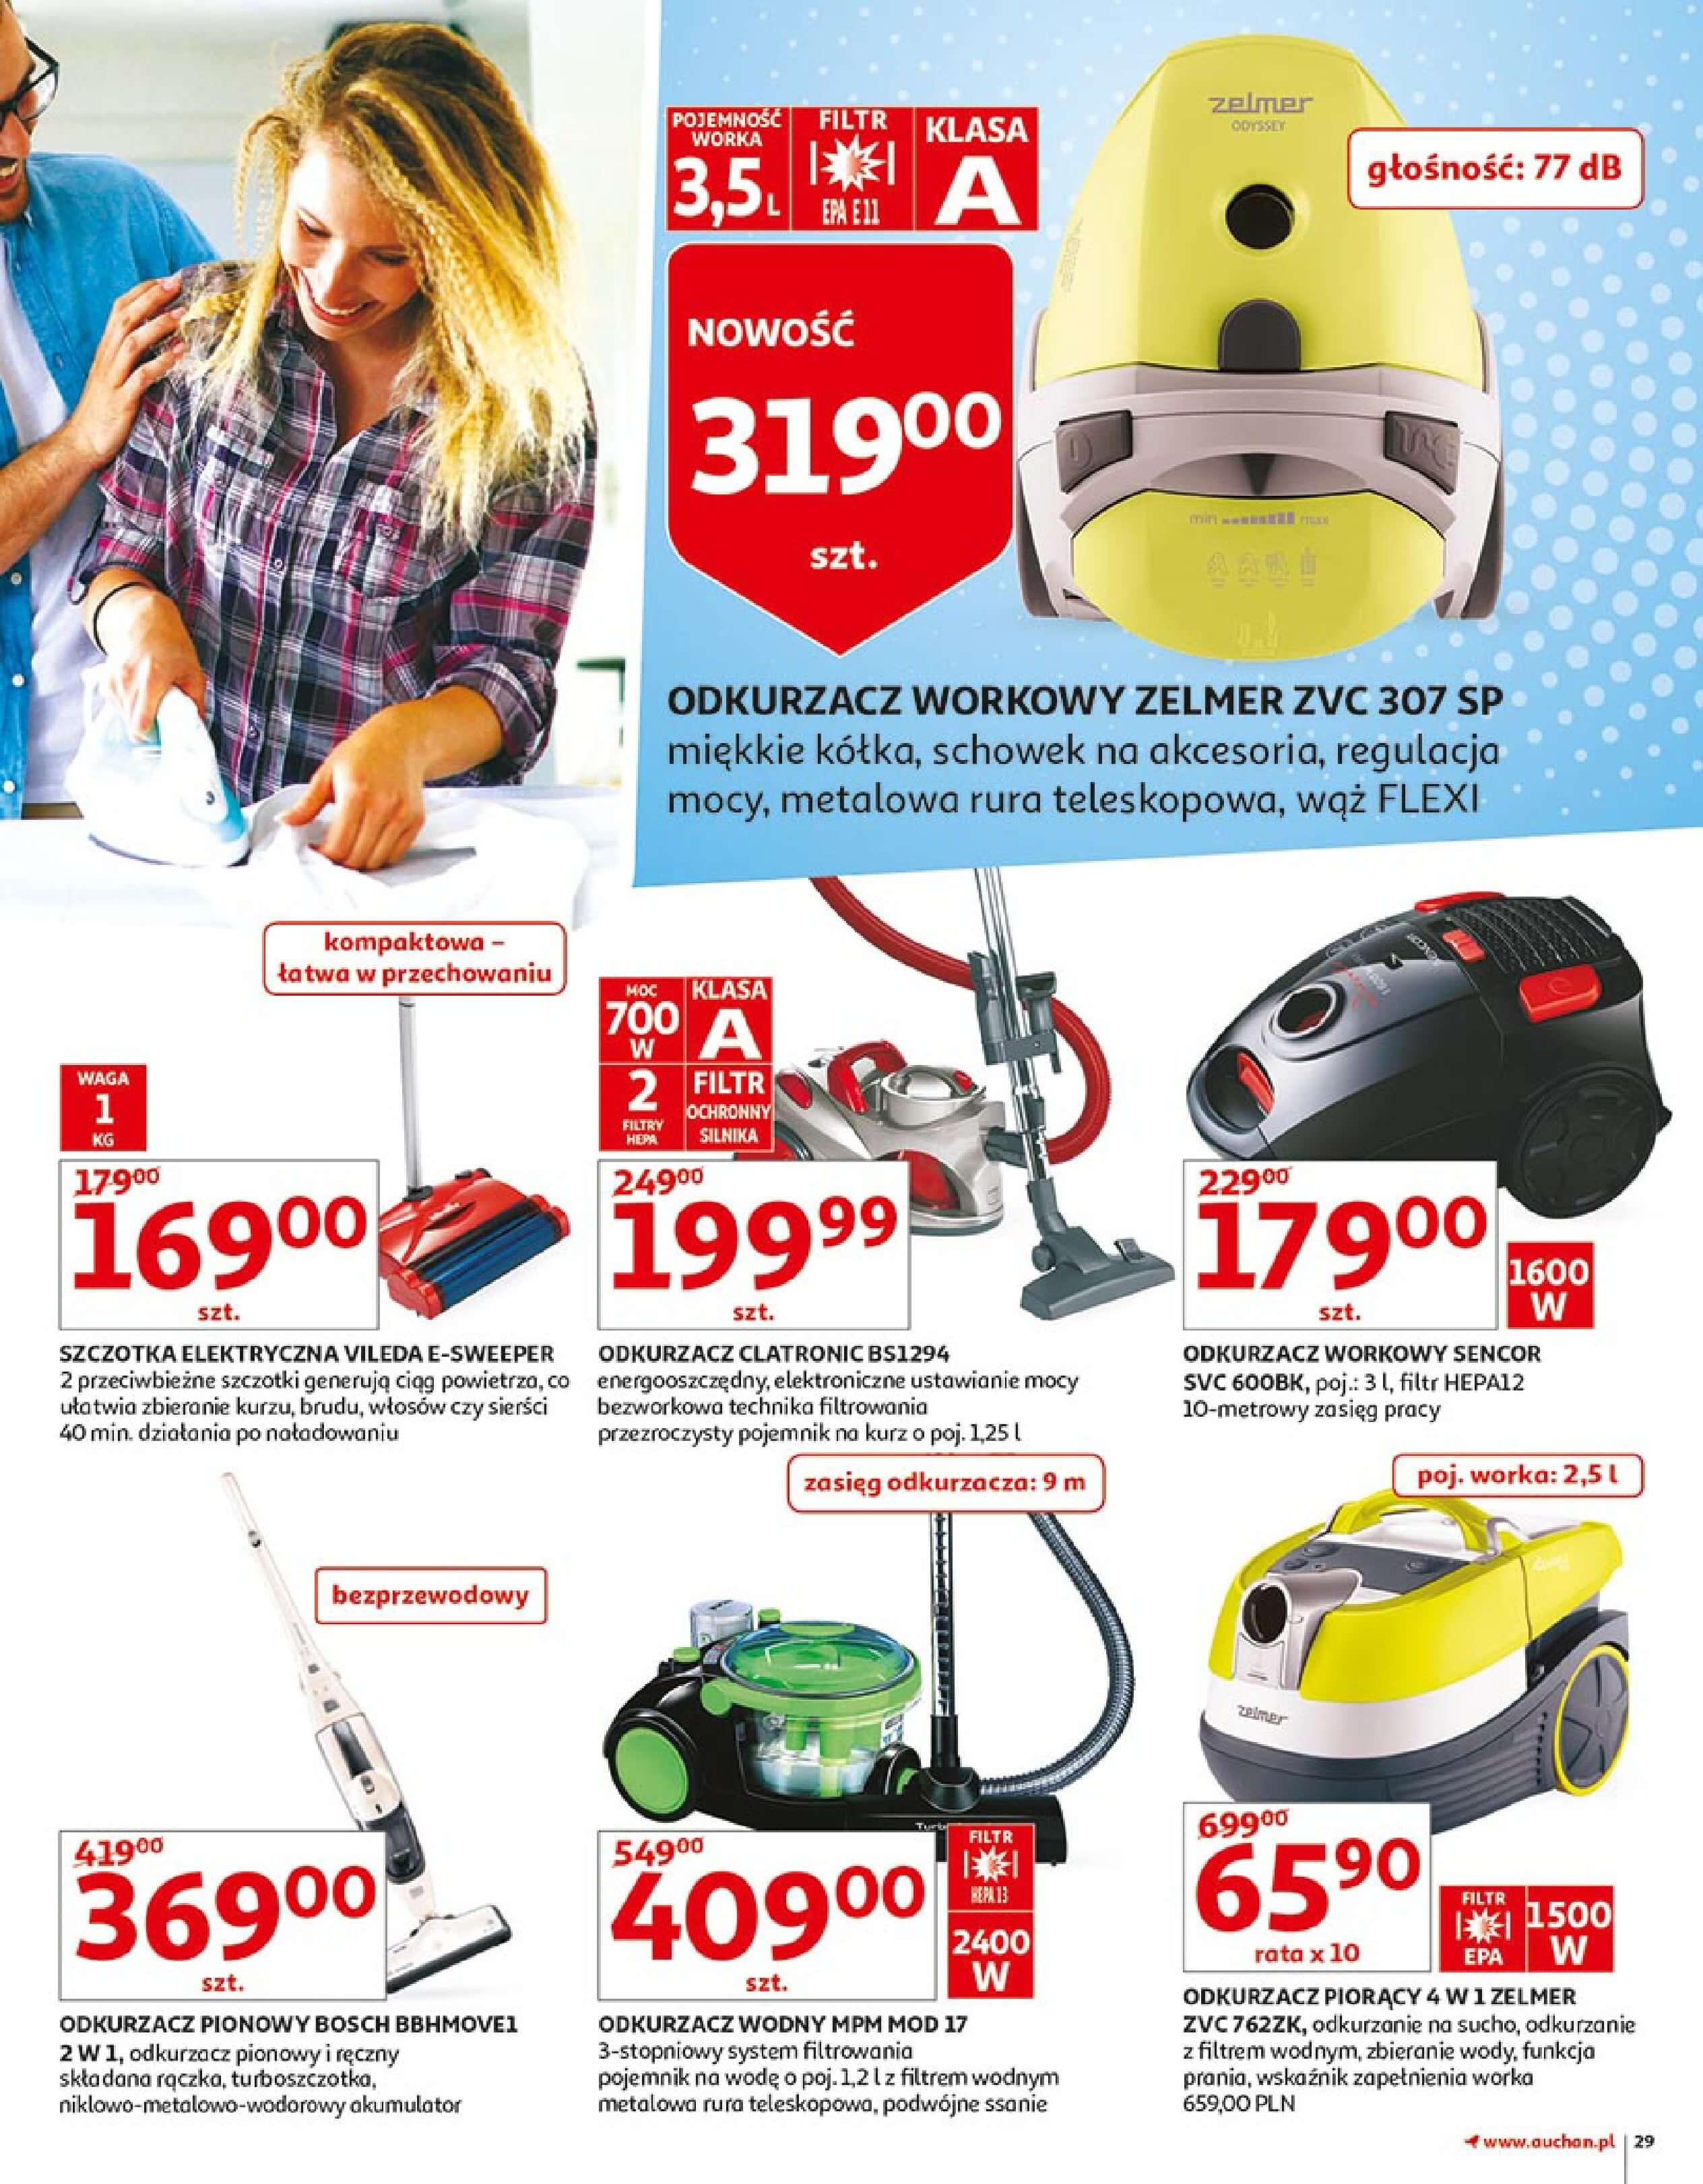 Gazetka Auchan - Zbijamy ceny zawodowo!-14.02.2018-22.02.2018-page-29